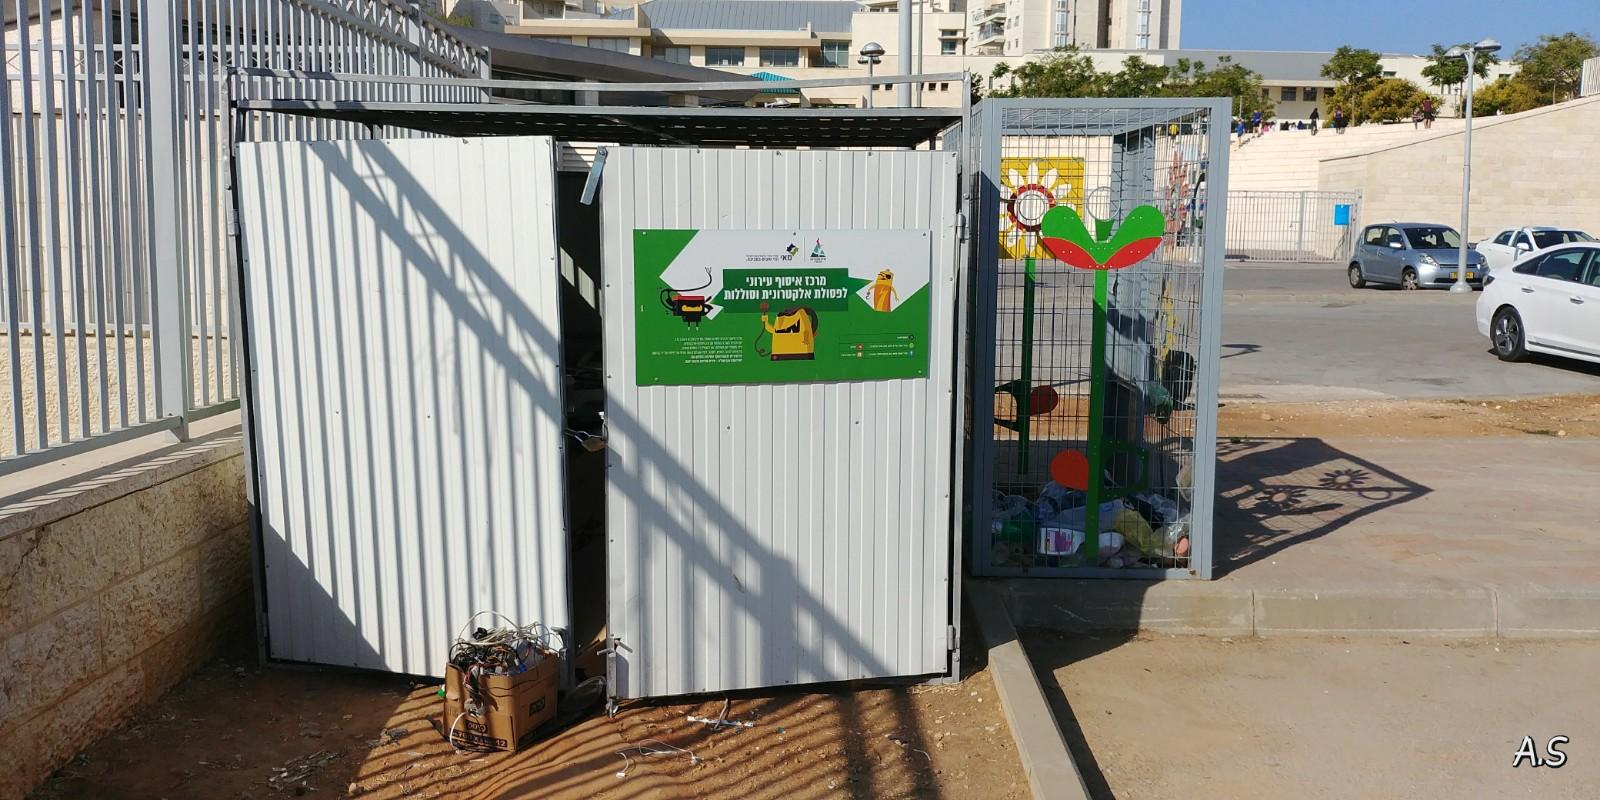 """מרכז איסוף רשות מקומית- החנייה האחורית של תיכון עירוני ב' ע""""ש רבין -בנחל עיון"""